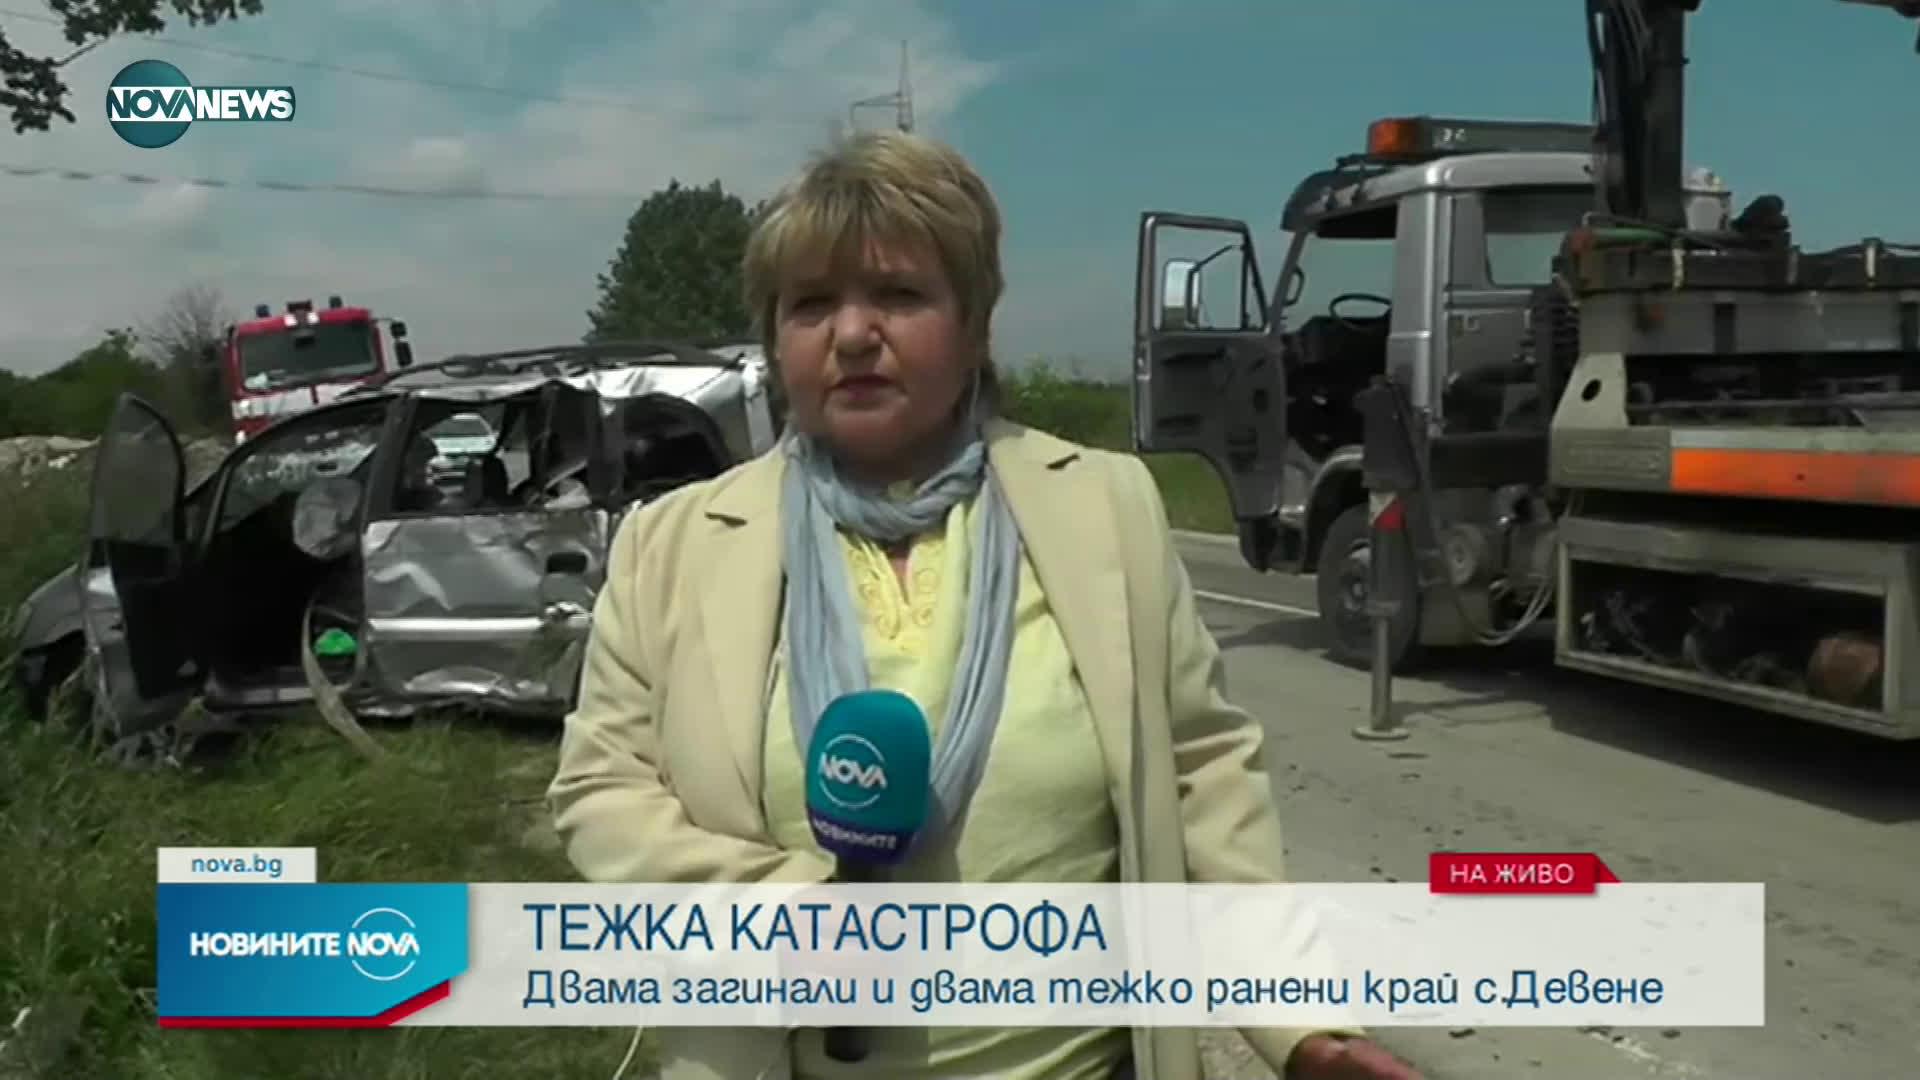 Тежка катастрофа с двама загинали във Врачанско